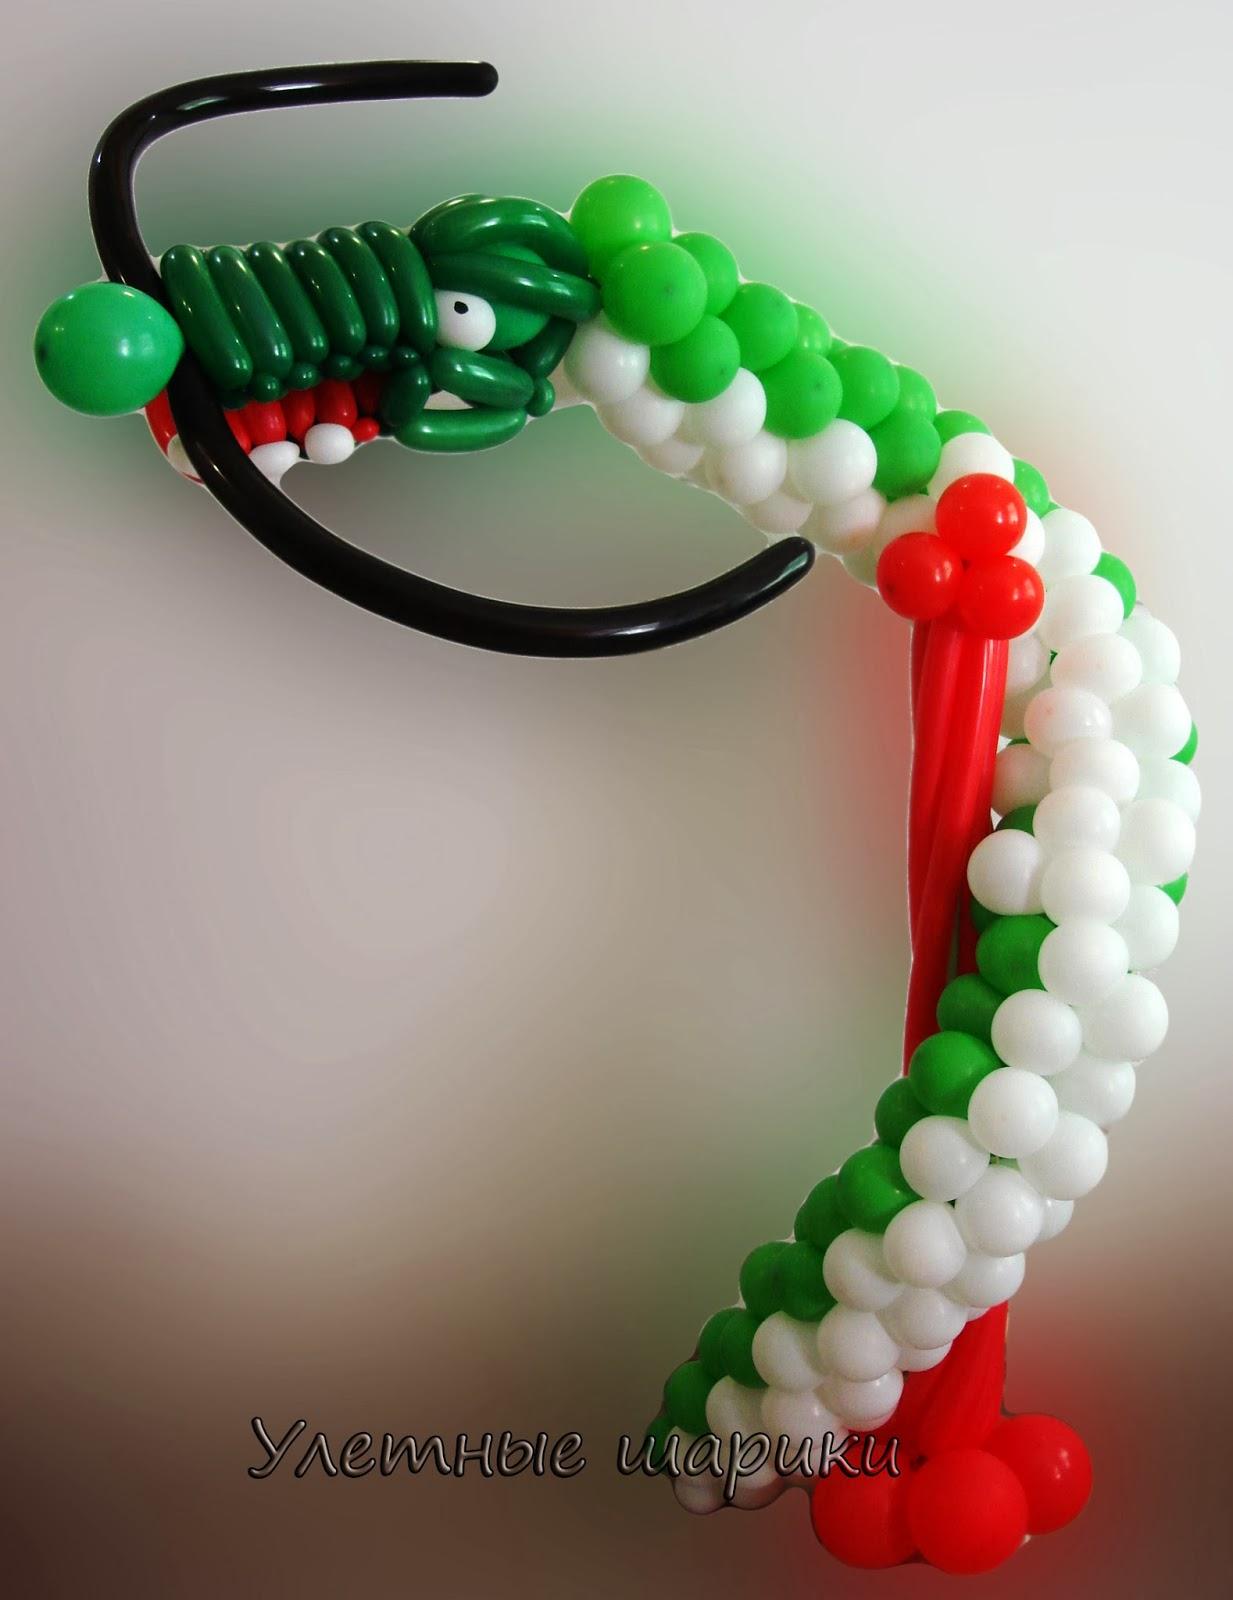 Китайских дракон из воздушных шариков